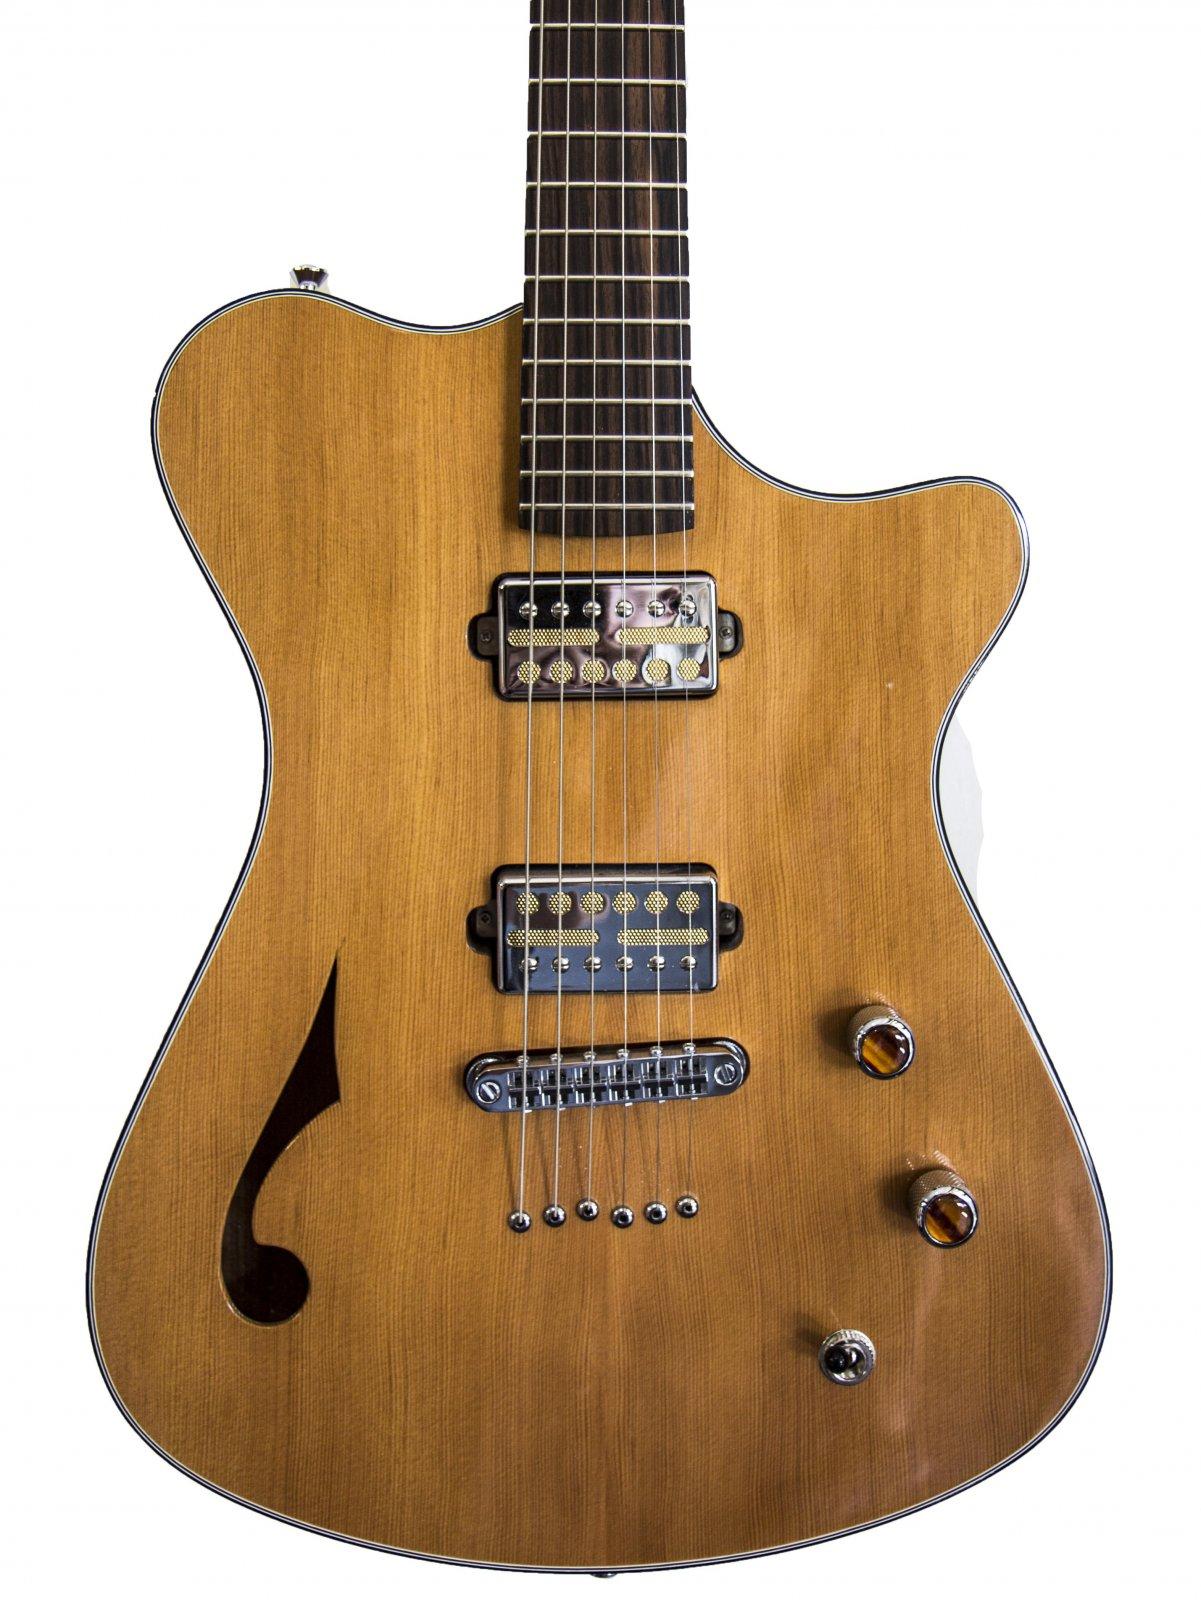 C 12738 - Joe's Guitars Hollow Boa